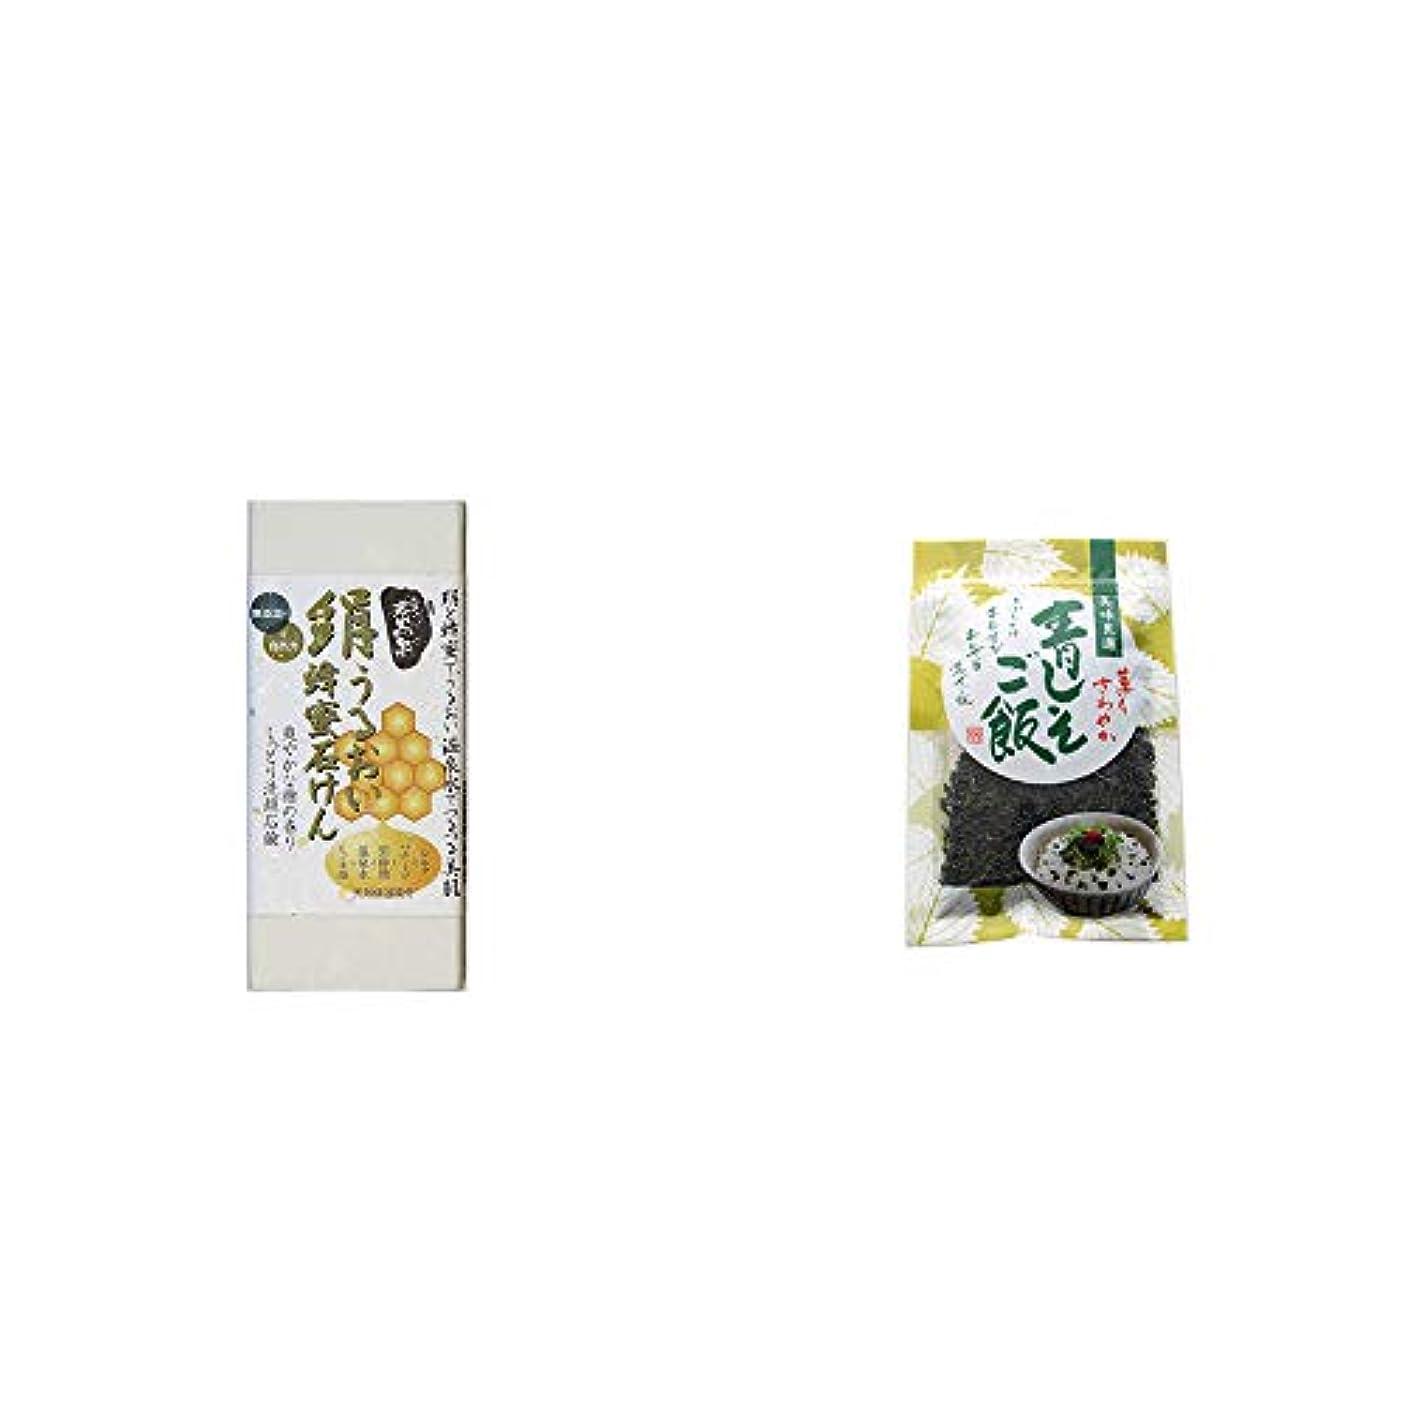 権威トンネル位置づける[2点セット] ひのき炭黒泉 絹うるおい蜂蜜石けん(75g×2)?薫りさわやか 青しそご飯(80g)